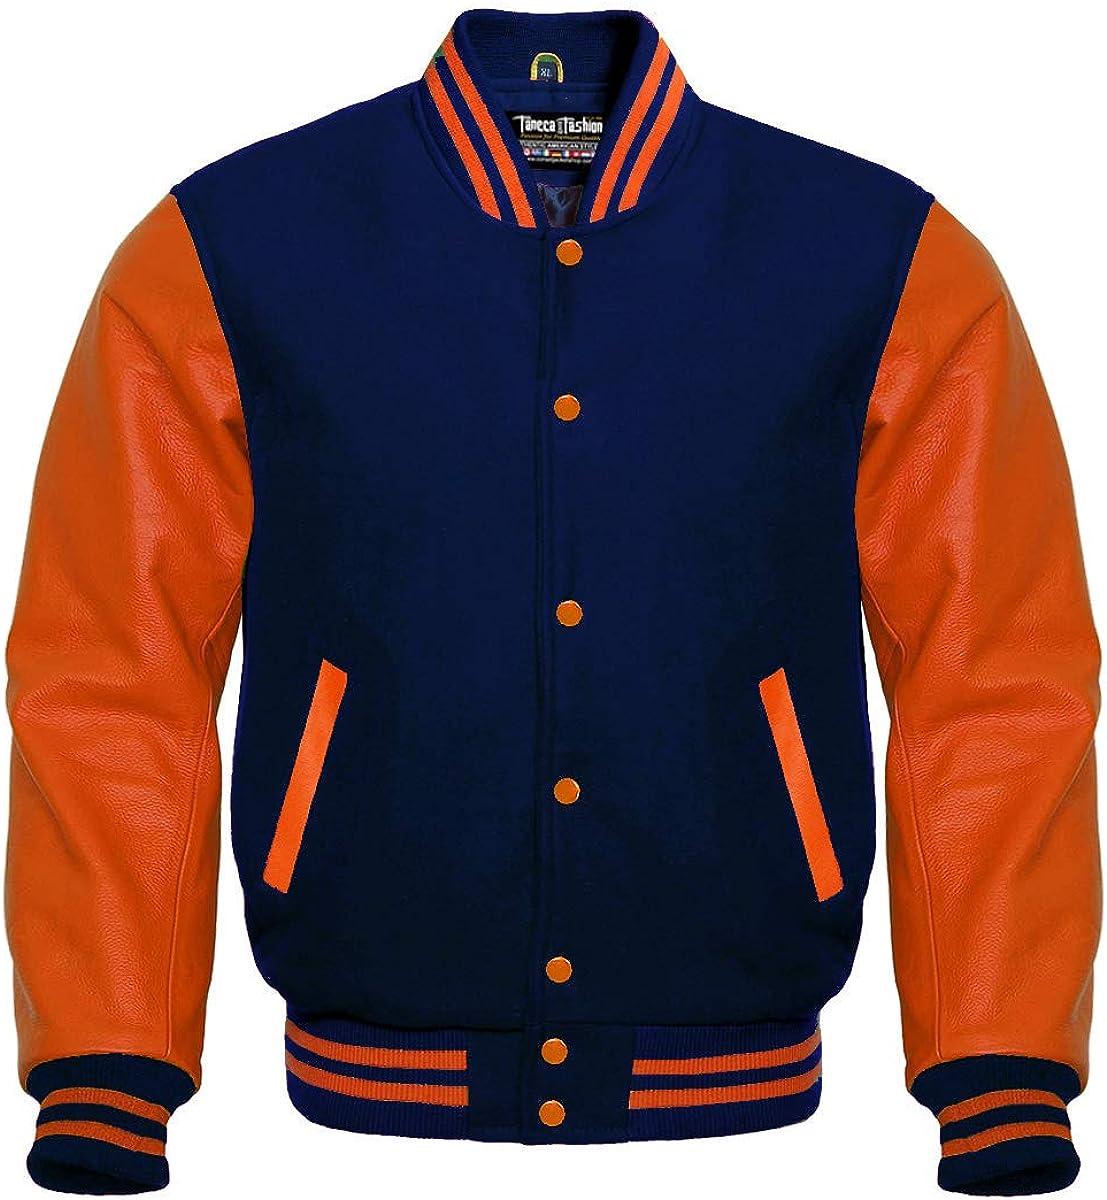 Varsity Navy Wool and Genuine Orange Leather Sleeves Letterman Jacket